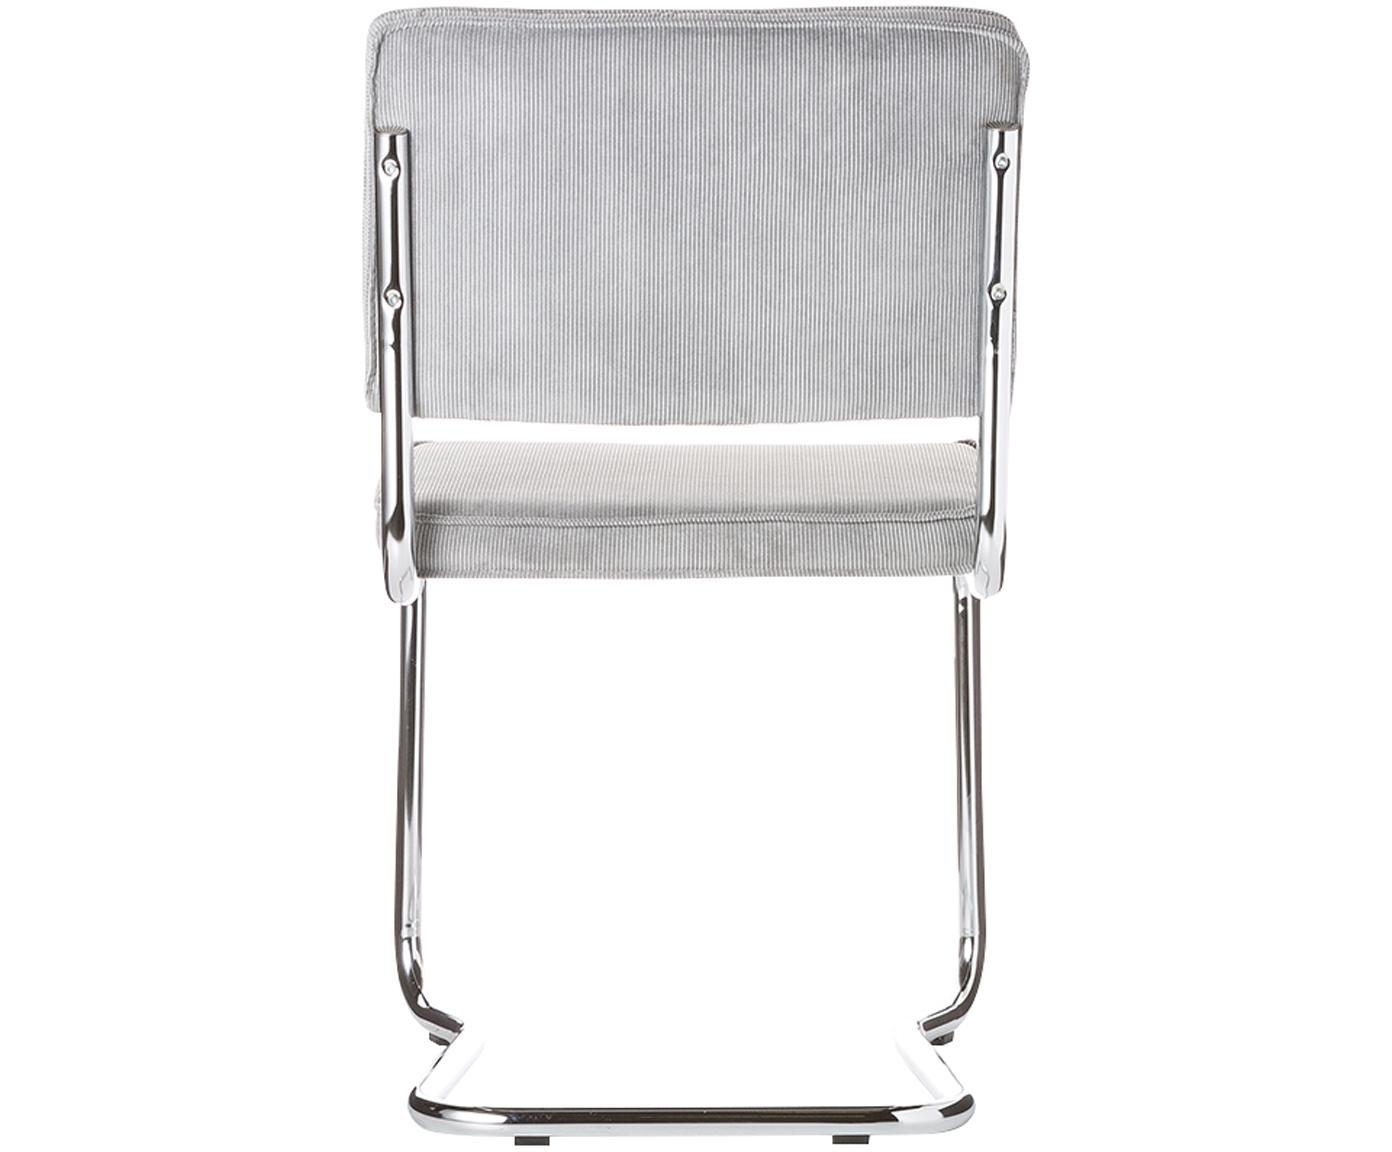 Krzesło Ridge Kink Chair, Tapicerka: 88% nylon, 12% poliester, Tapicerka: pianka poliuretanowa (sie, Stelaż: metal chromowany Wyproduk, Jasnoszary, S 48 x W 85 cm